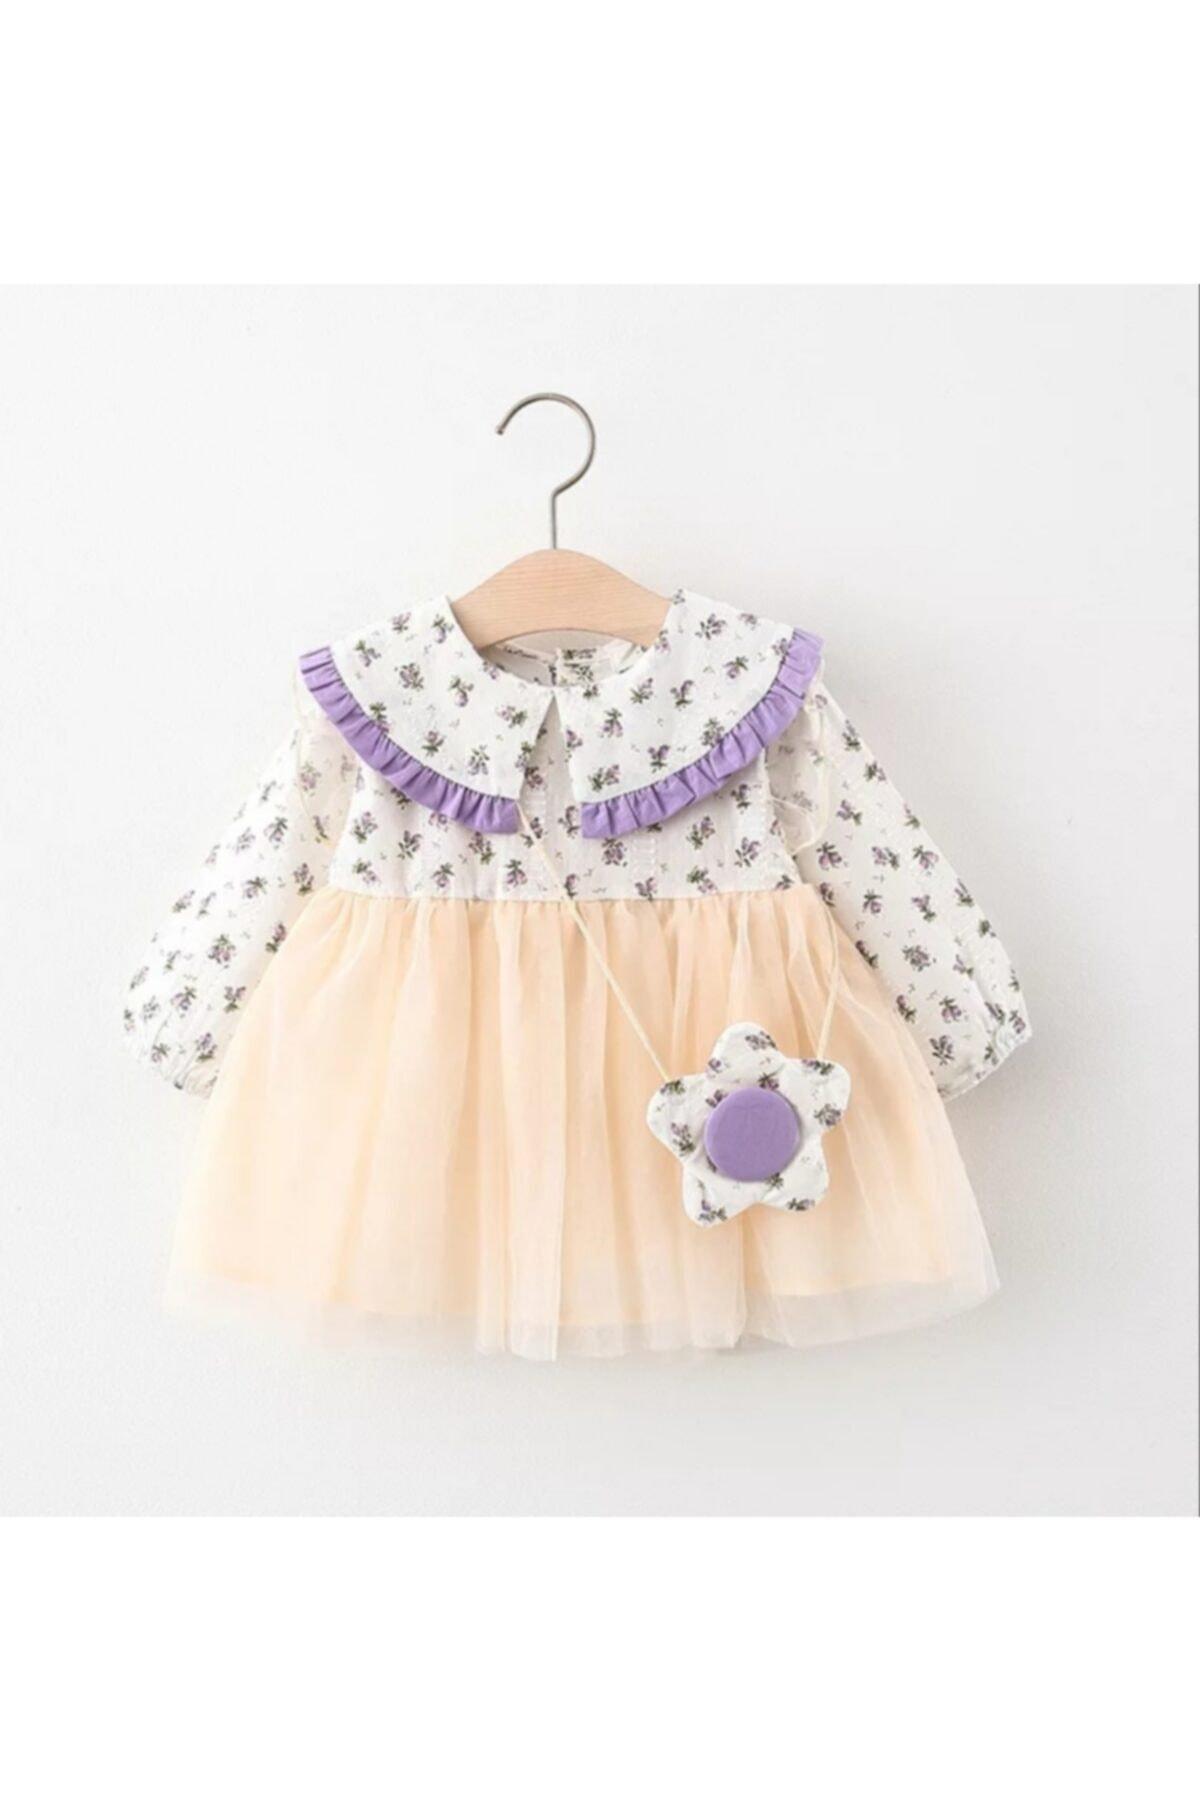 Bolso de flores púrpura para vestido, con botones, estándar Regular, algodón, doble...